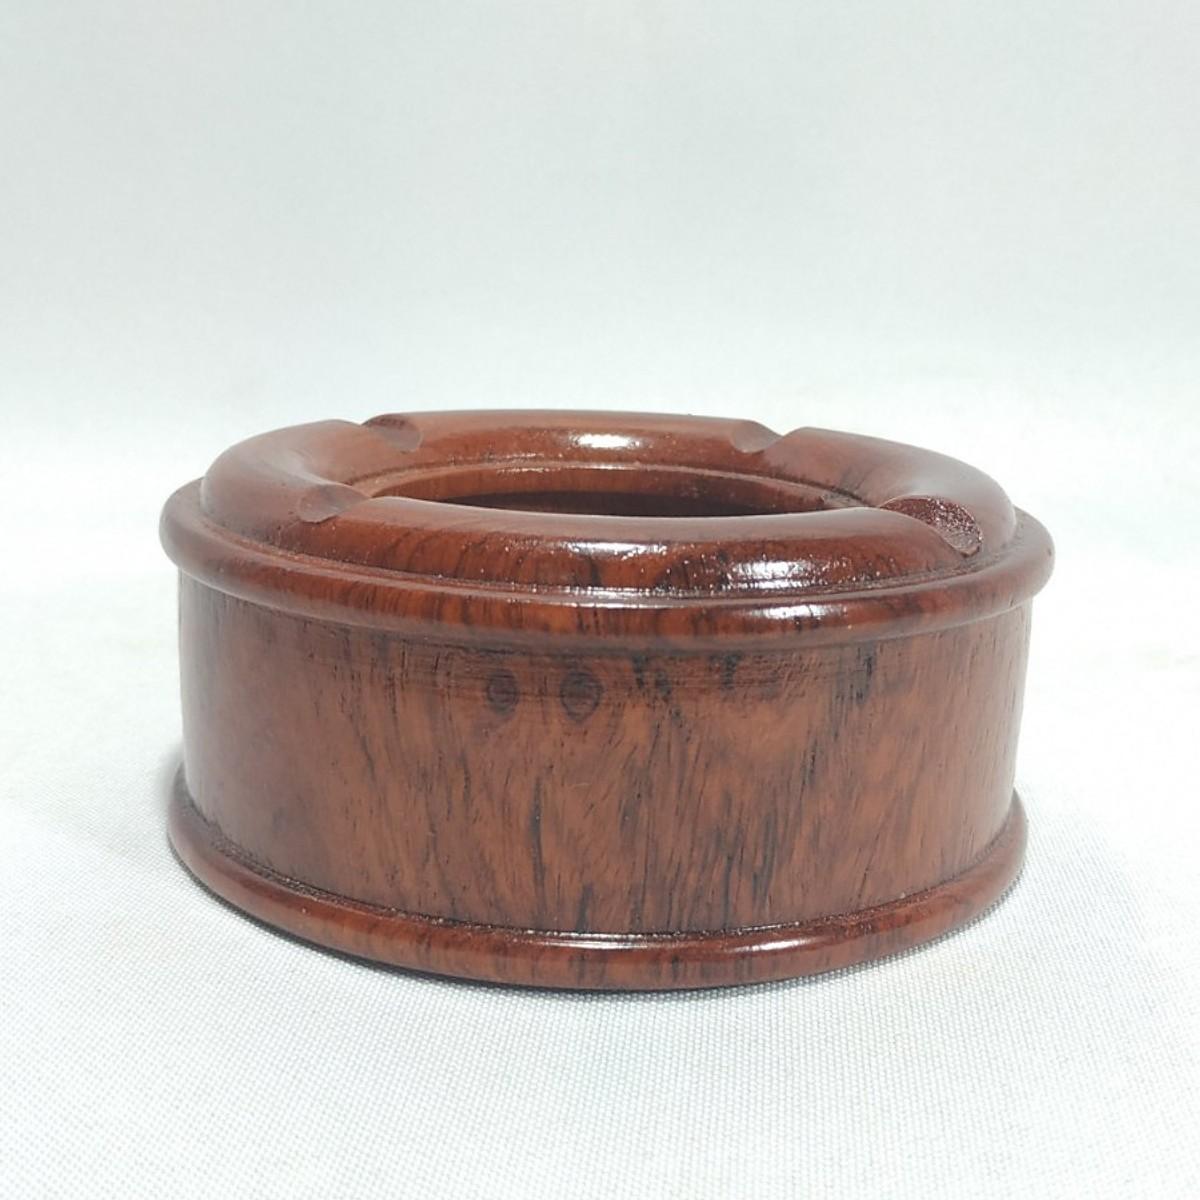 Gạt tàn tiêu trơn bằng gỗ hương MAI GOOD